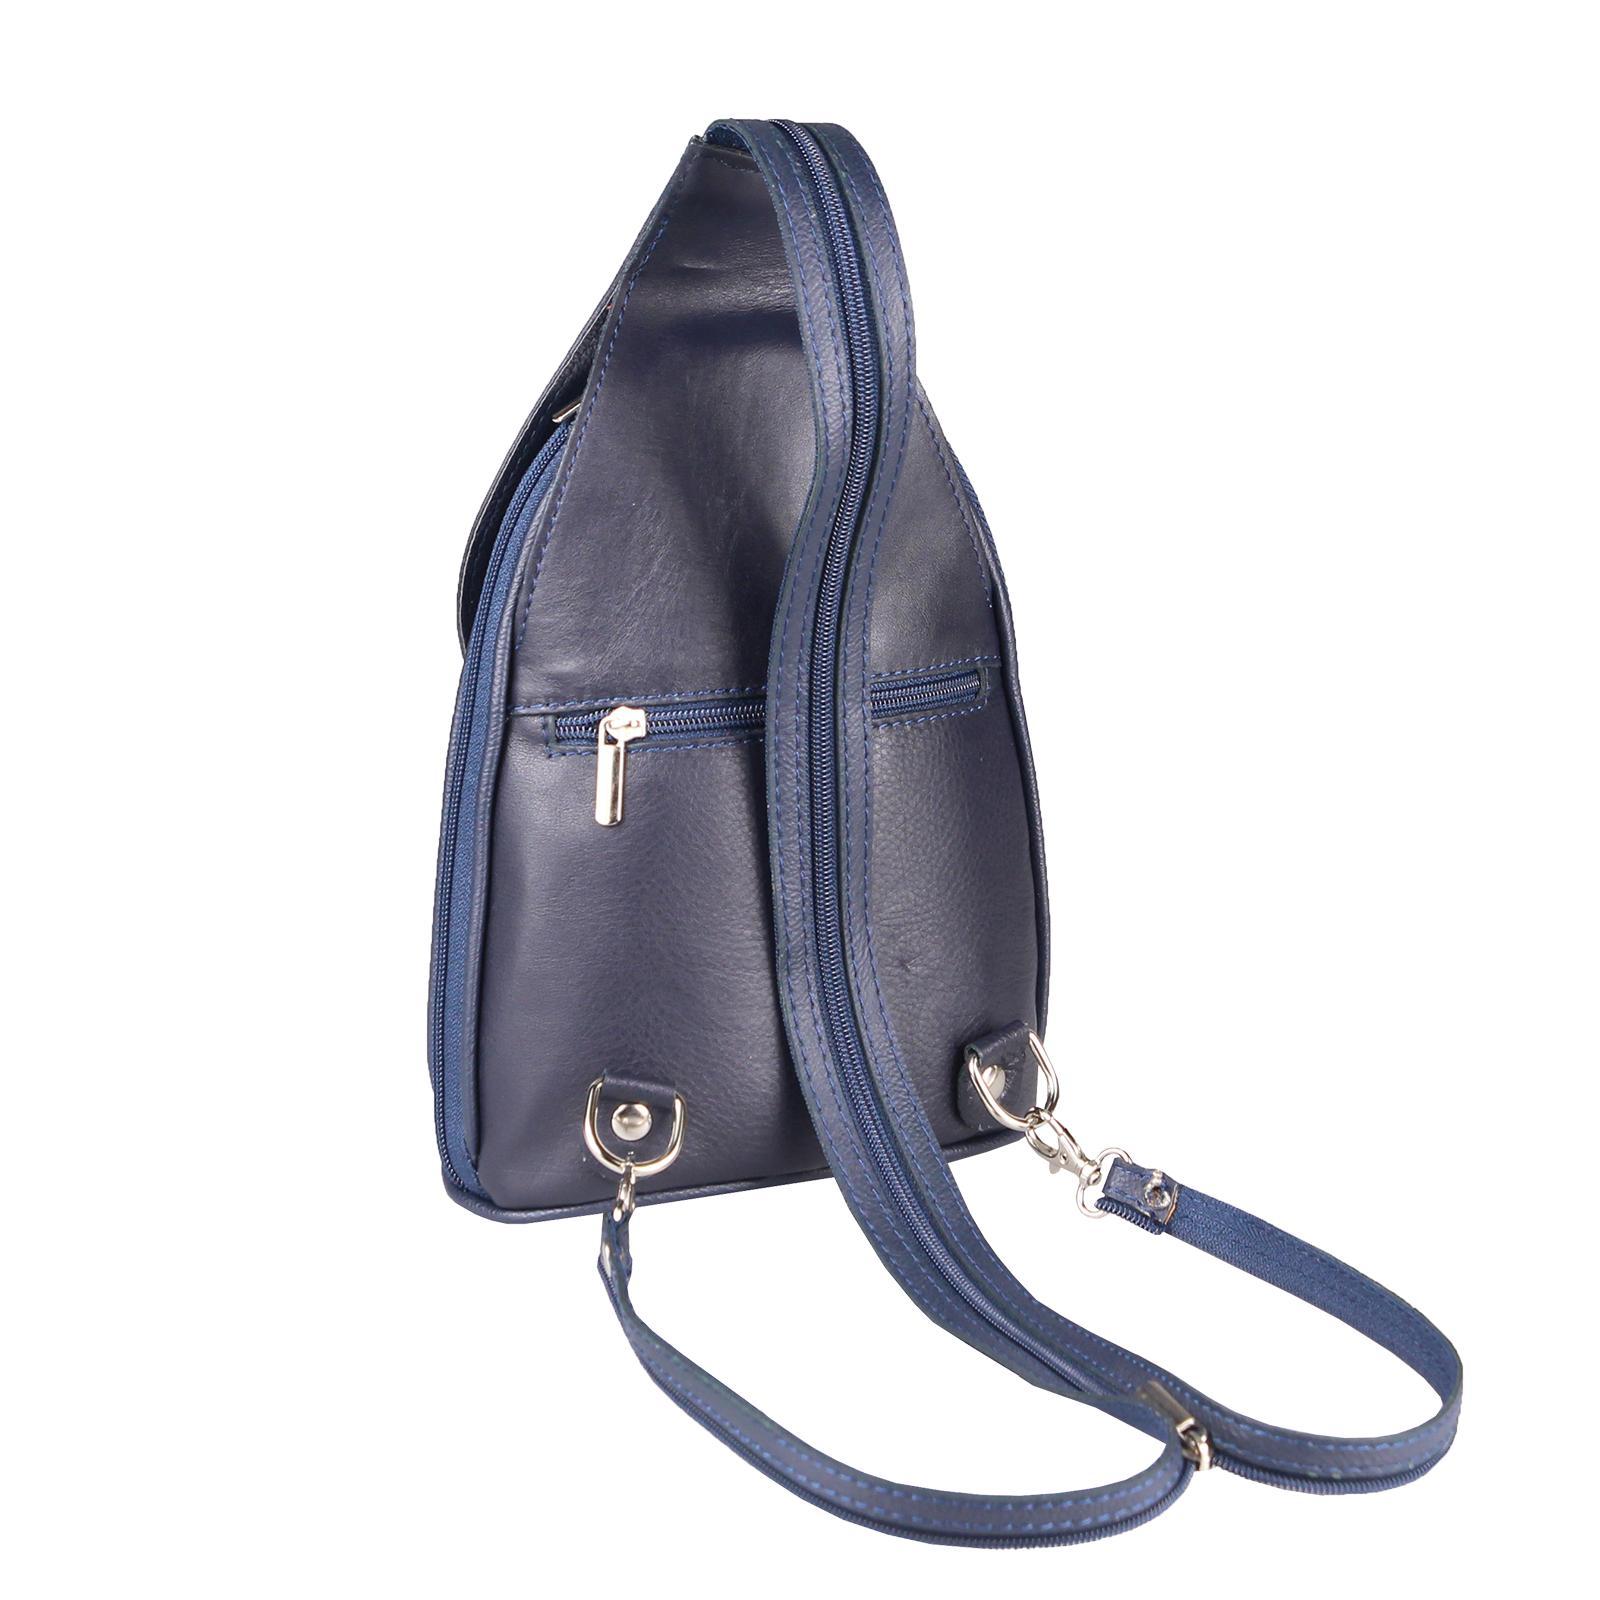 ITALY-DAMEN-LEDER-RUCKSACK-Schulter-Tasche-Reise-BACKPACK-Lederrucksack-it-BAG Indexbild 60